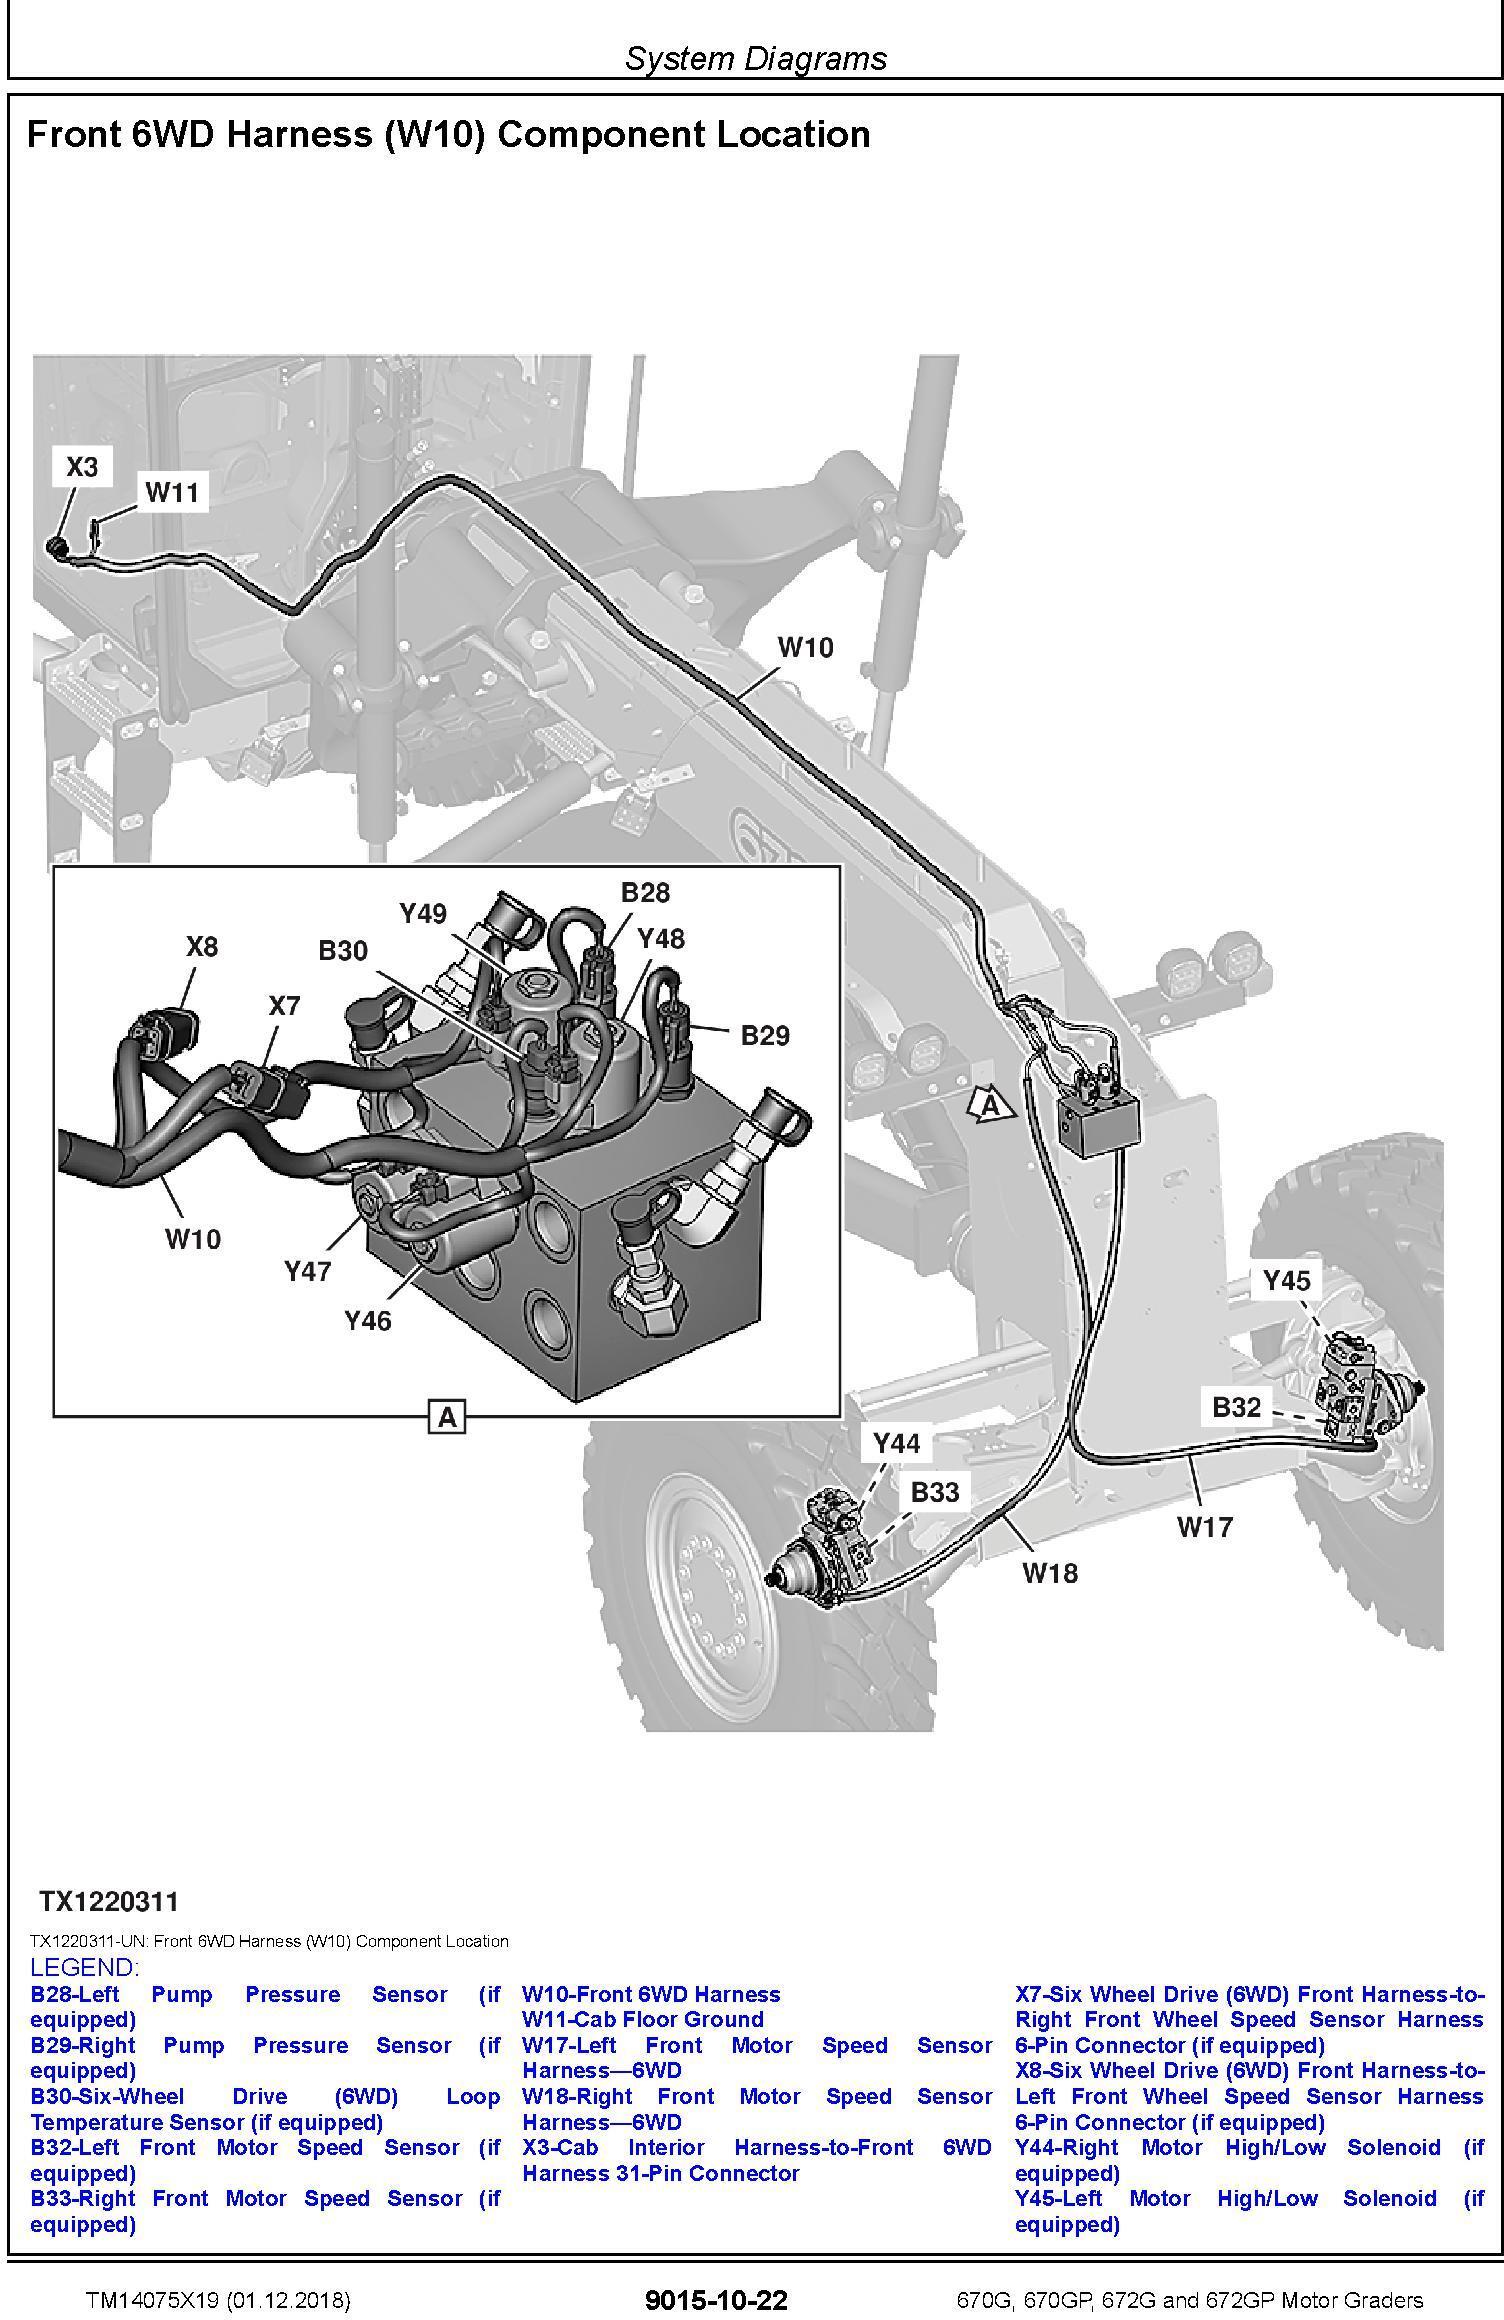 John Deere 670G, 670GP, 672G, 672GP (SN.C678818-680877) Motor Graders Diagnostic Manual (TM14075X19) - 1